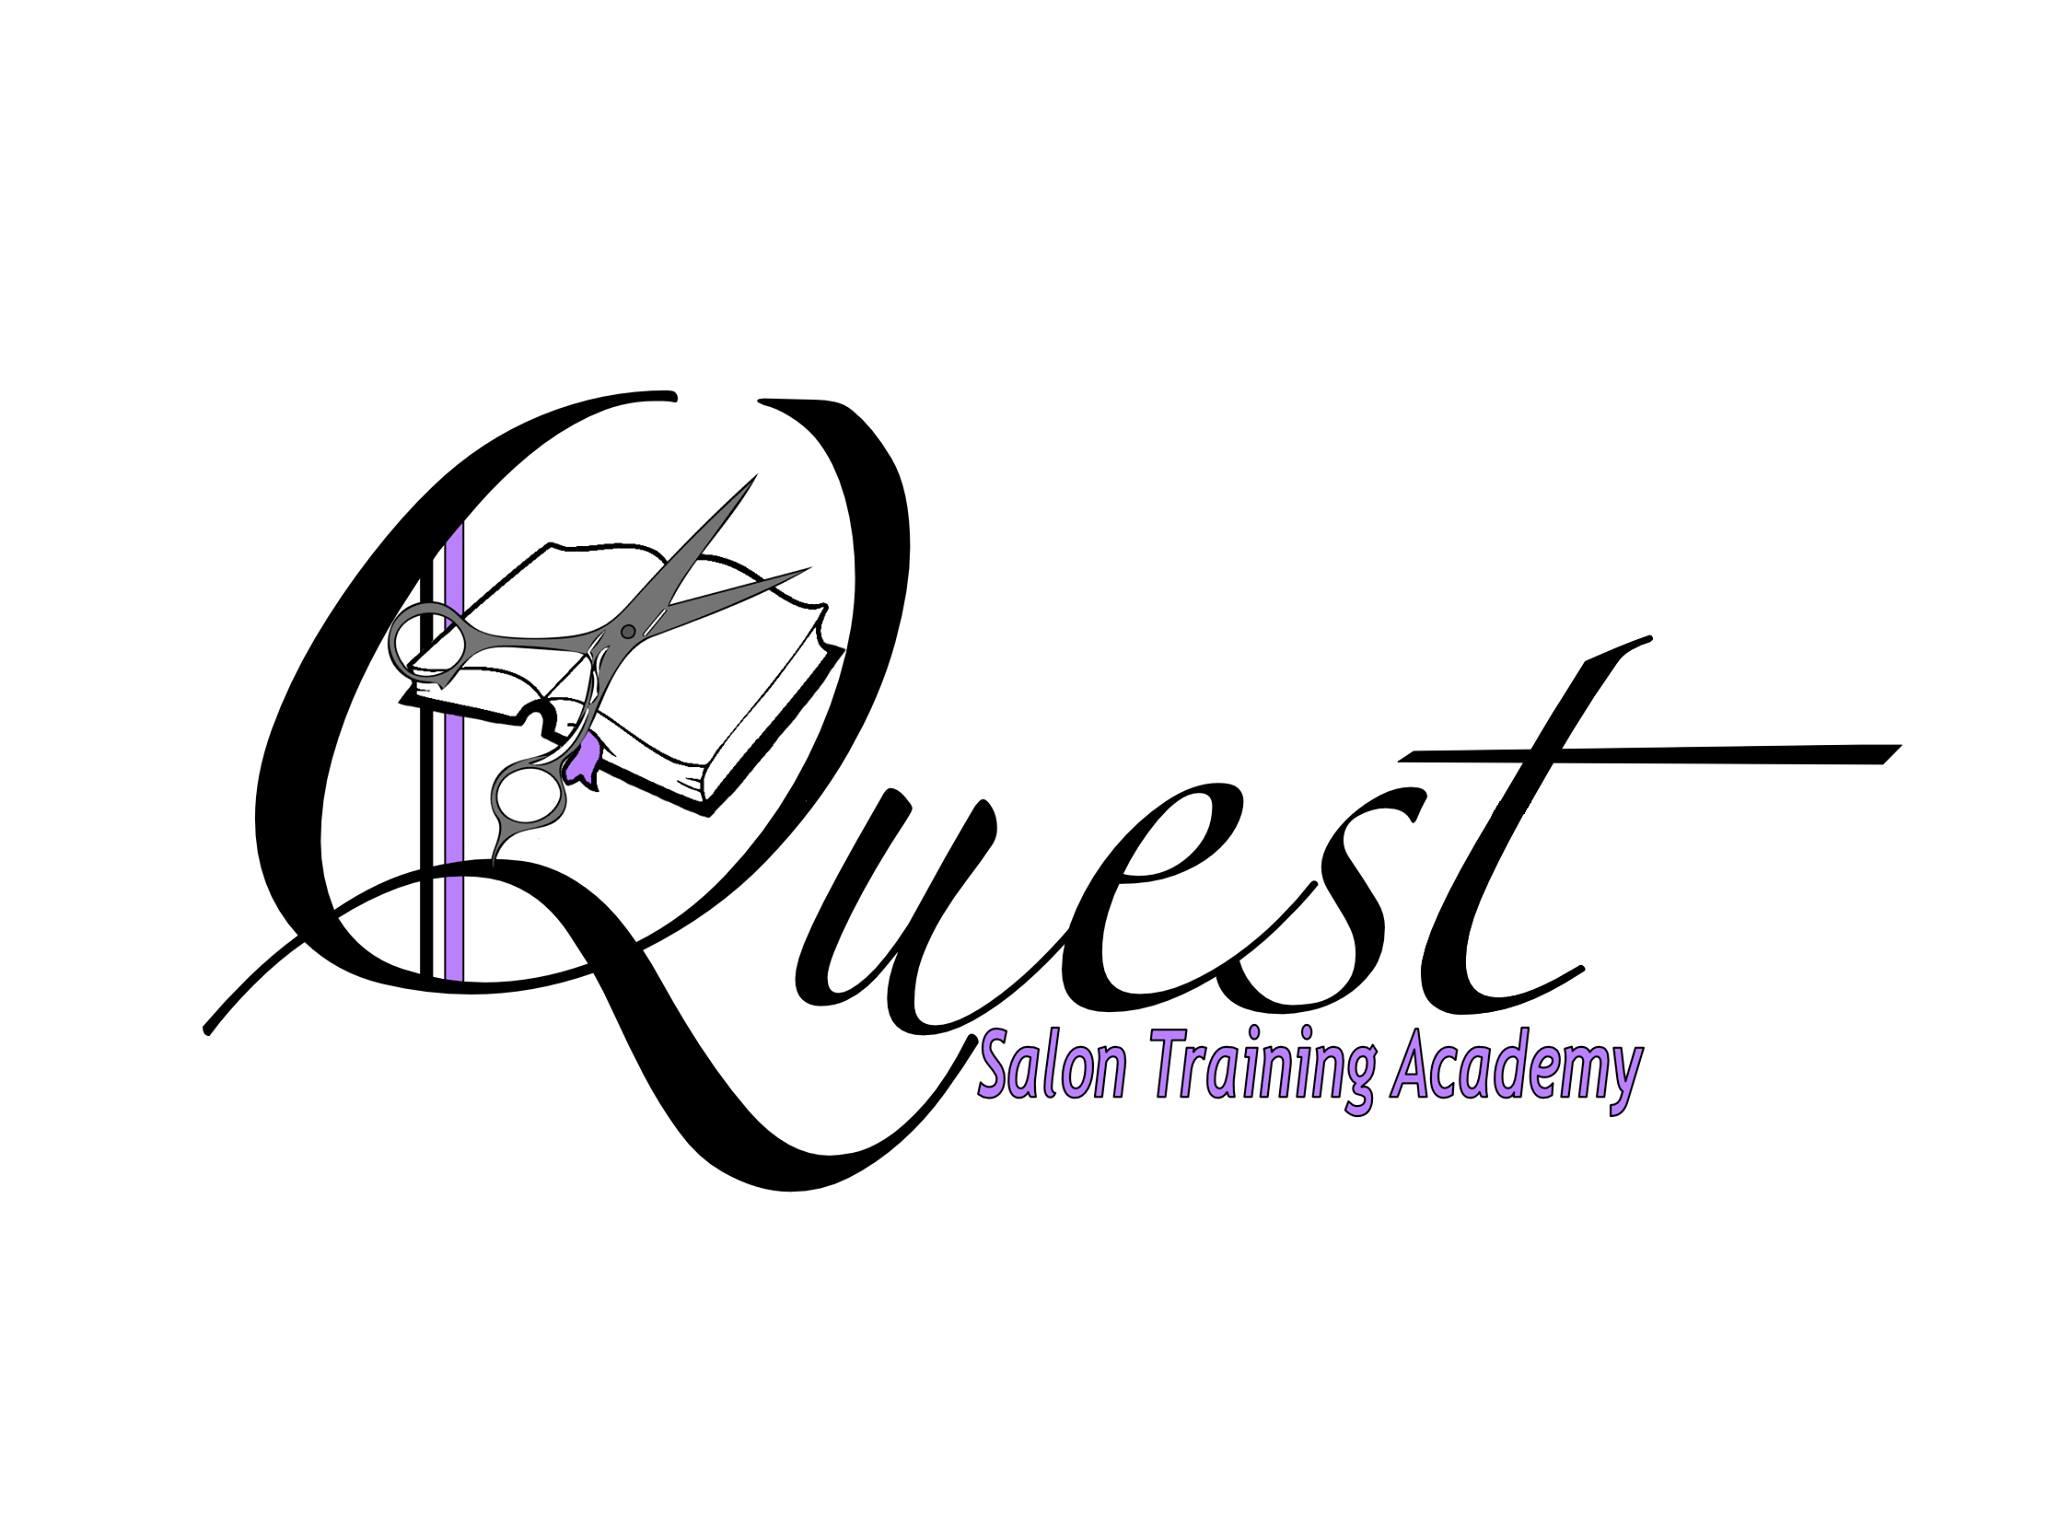 Quest Salon